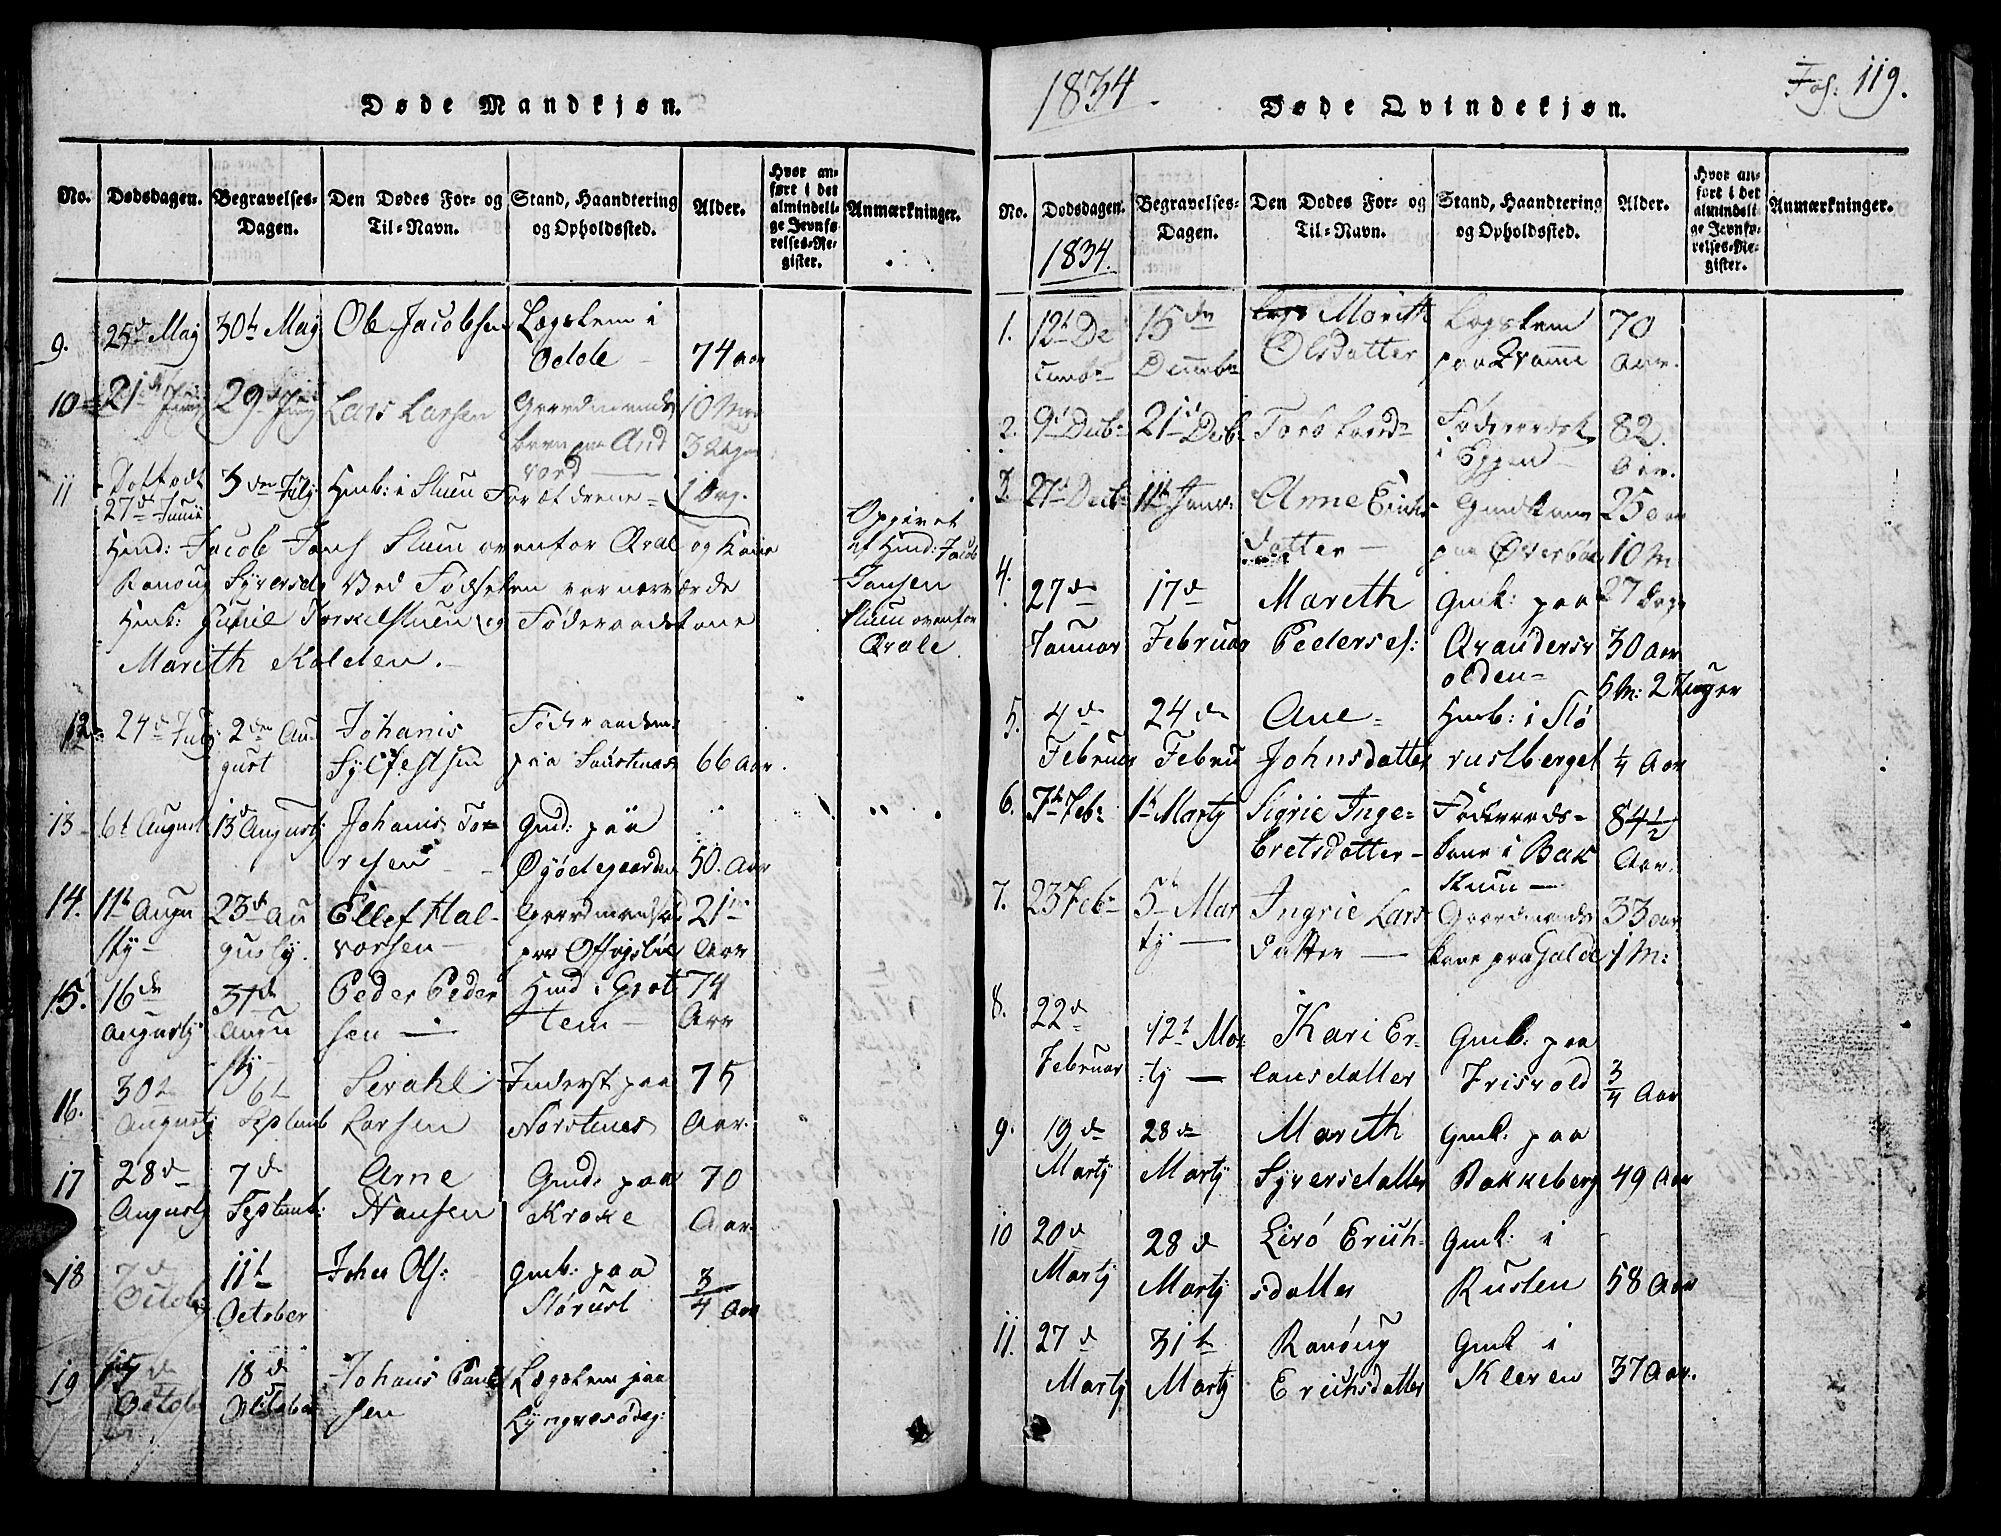 SAH, Lom prestekontor, L/L0001: Klokkerbok nr. 1, 1815-1836, s. 119